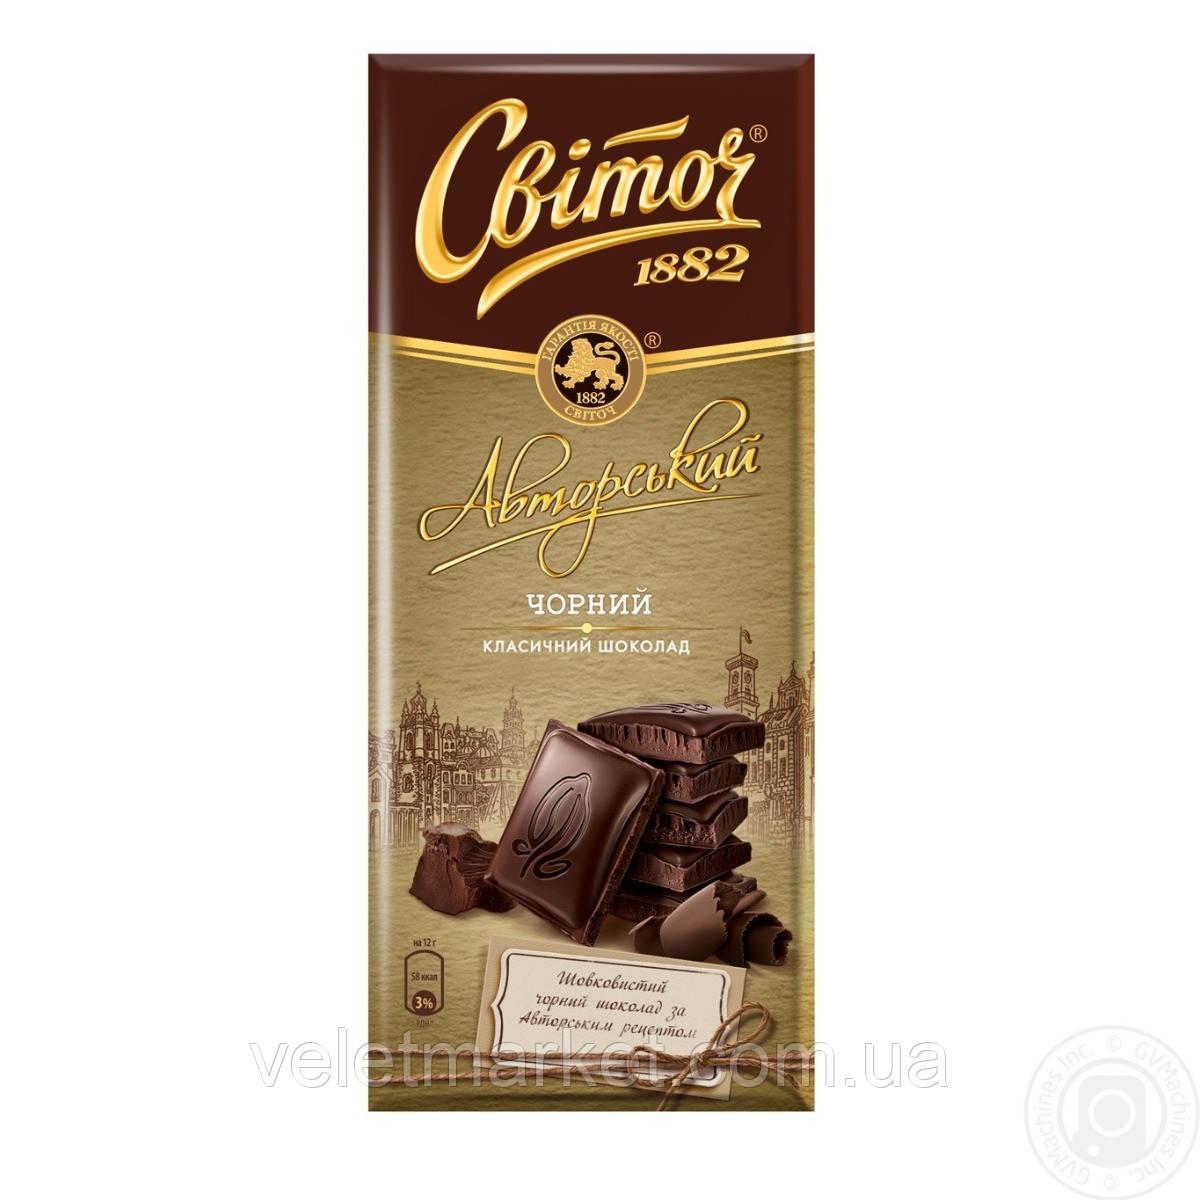 Шоколад Світоч Авторський екстра чорний 85 г